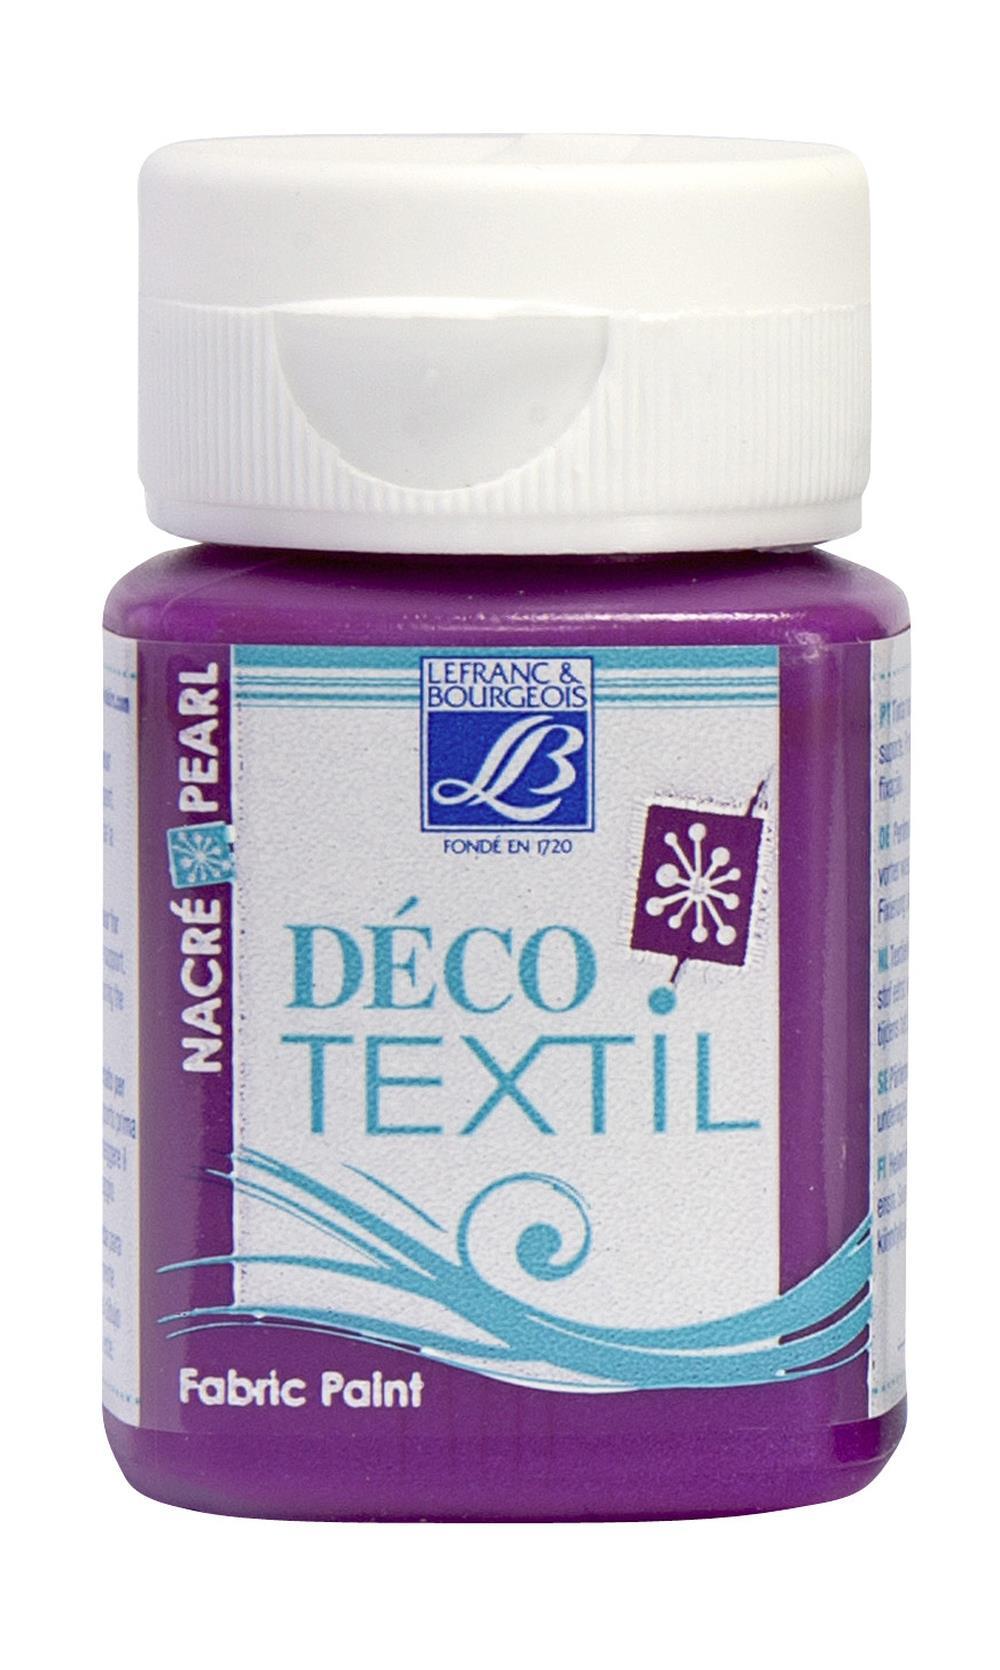 Tygfärg L&B Deco Textil 50ml  Pearl Indian pink - effekt  743 (4F) Utgår